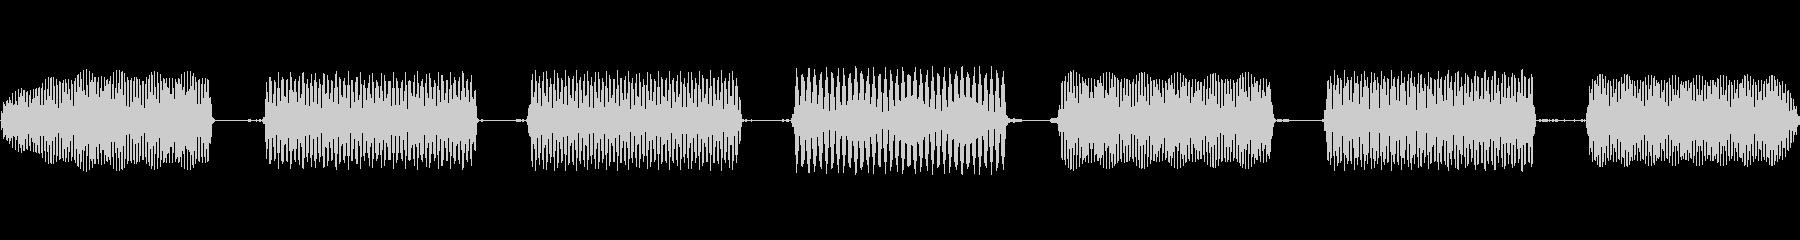 電話タッチトーンダイヤルの高速化の未再生の波形